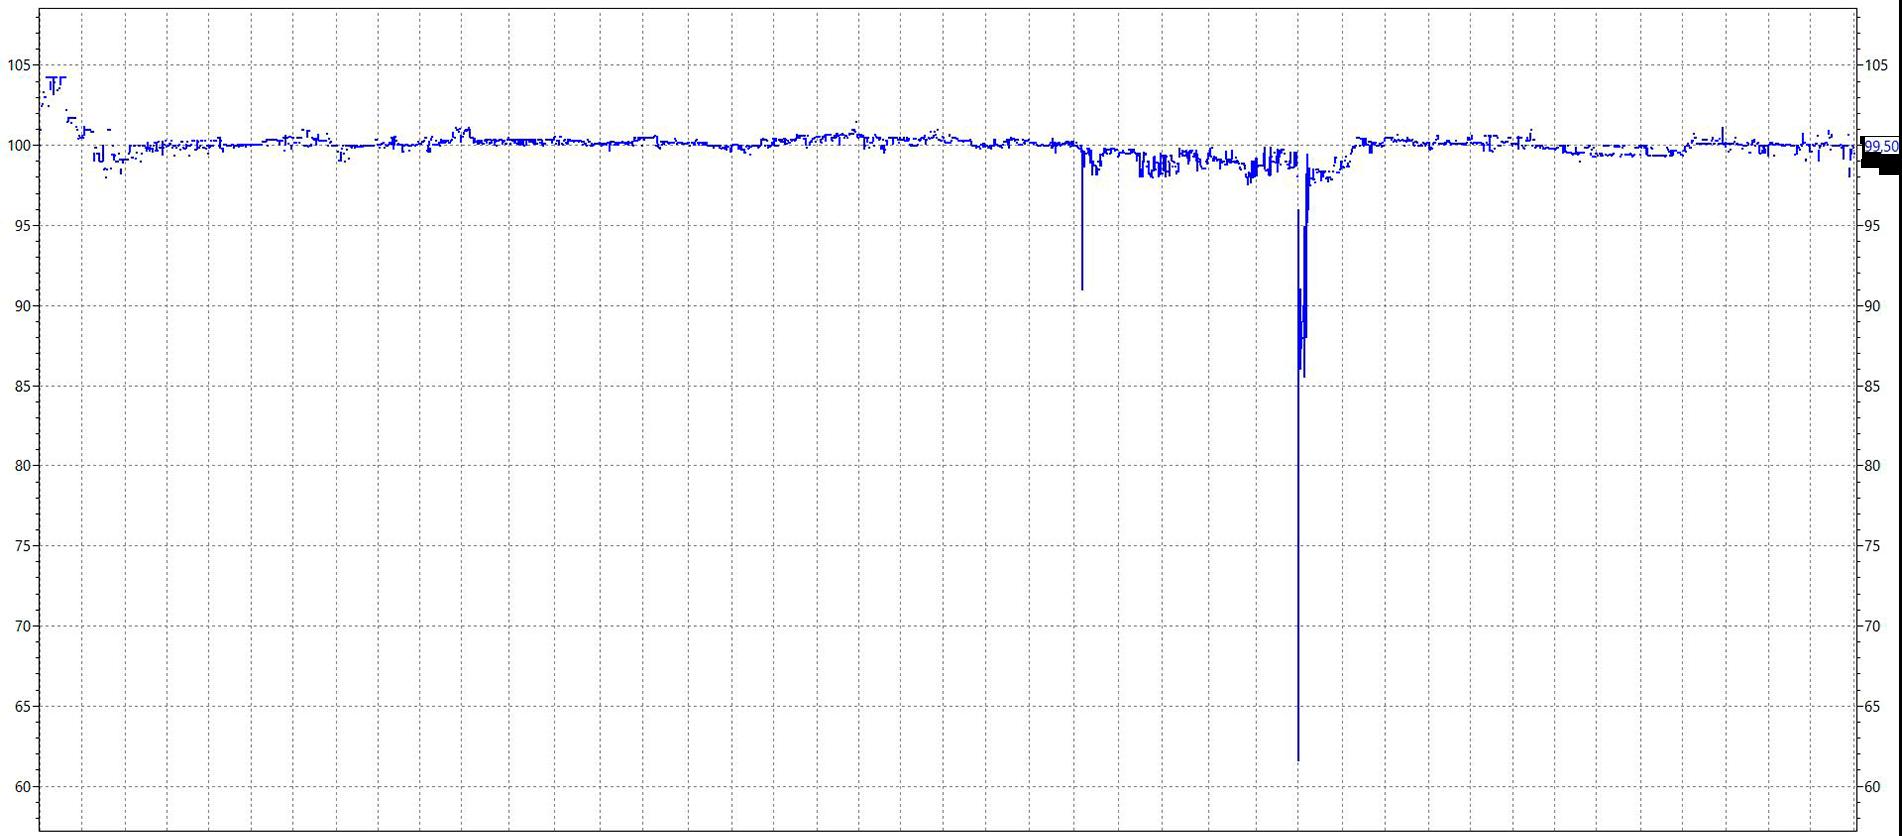 Котировки облигации БинбанкБ07 с апреля 2016 по август 2018 — редкий пример спасения. Источник: терминал QUIK